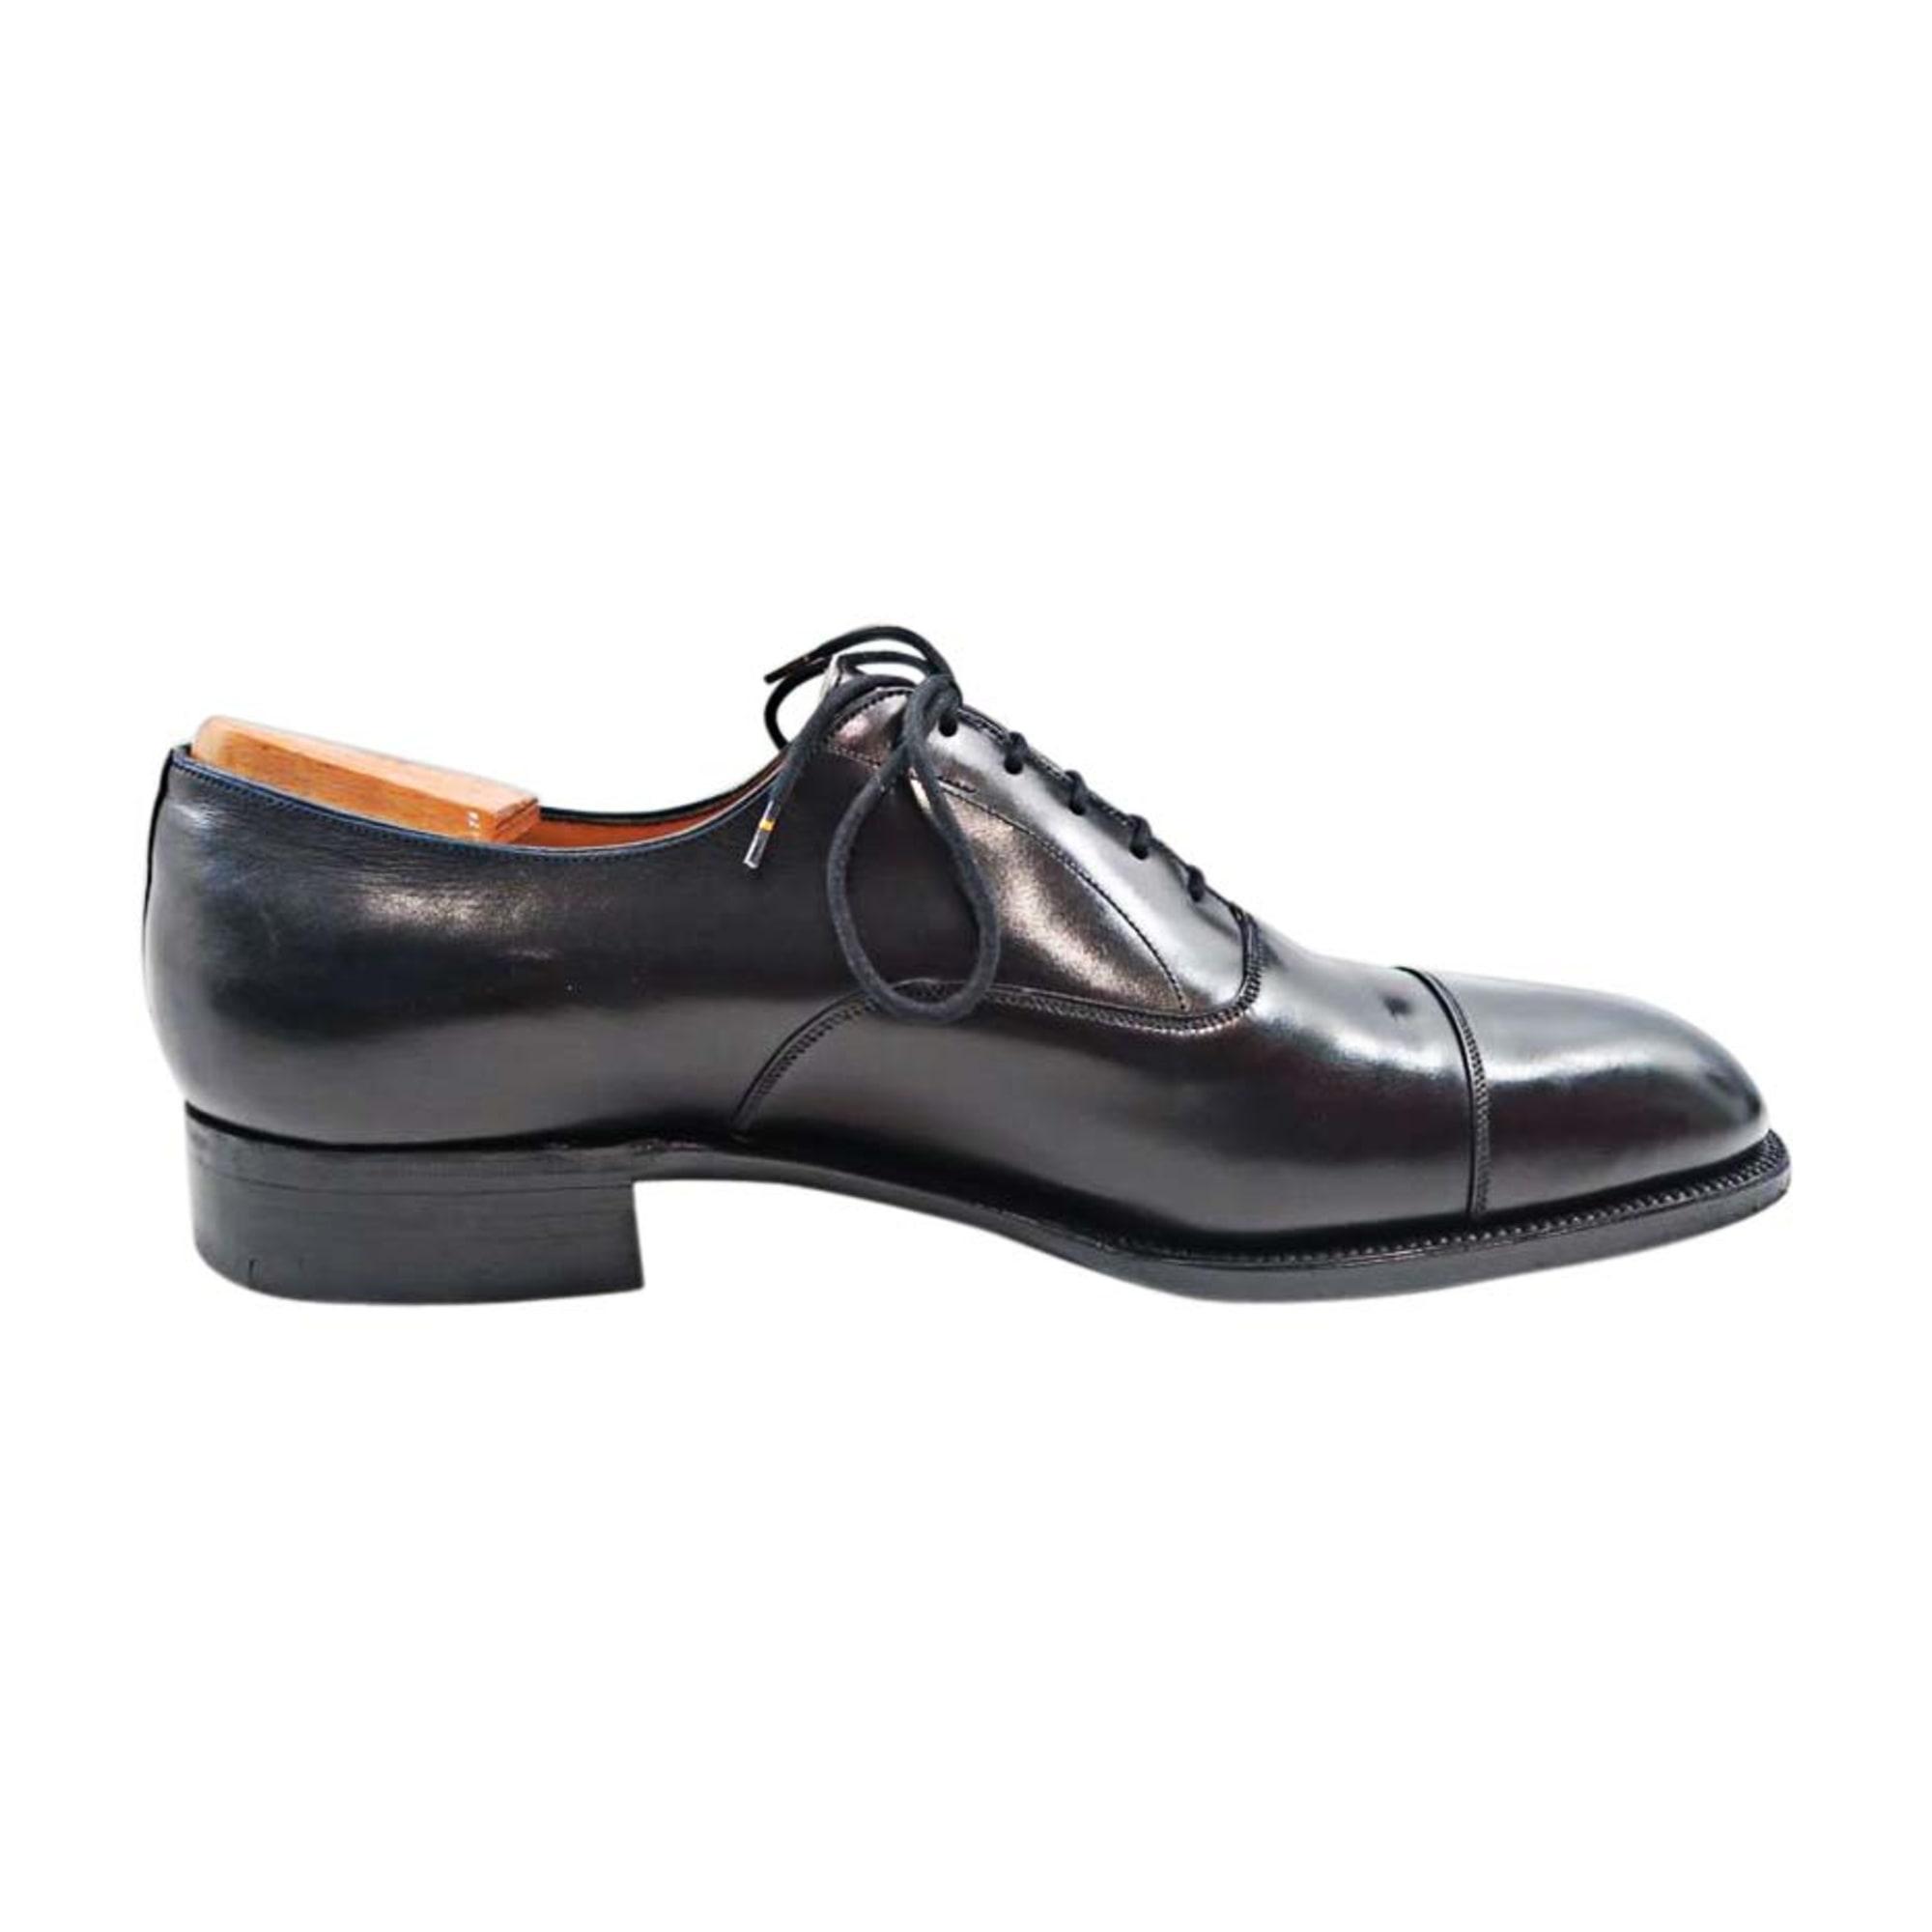 Chaussures à lacets J.M. WESTON 43 noir - 7544172 225493f9507